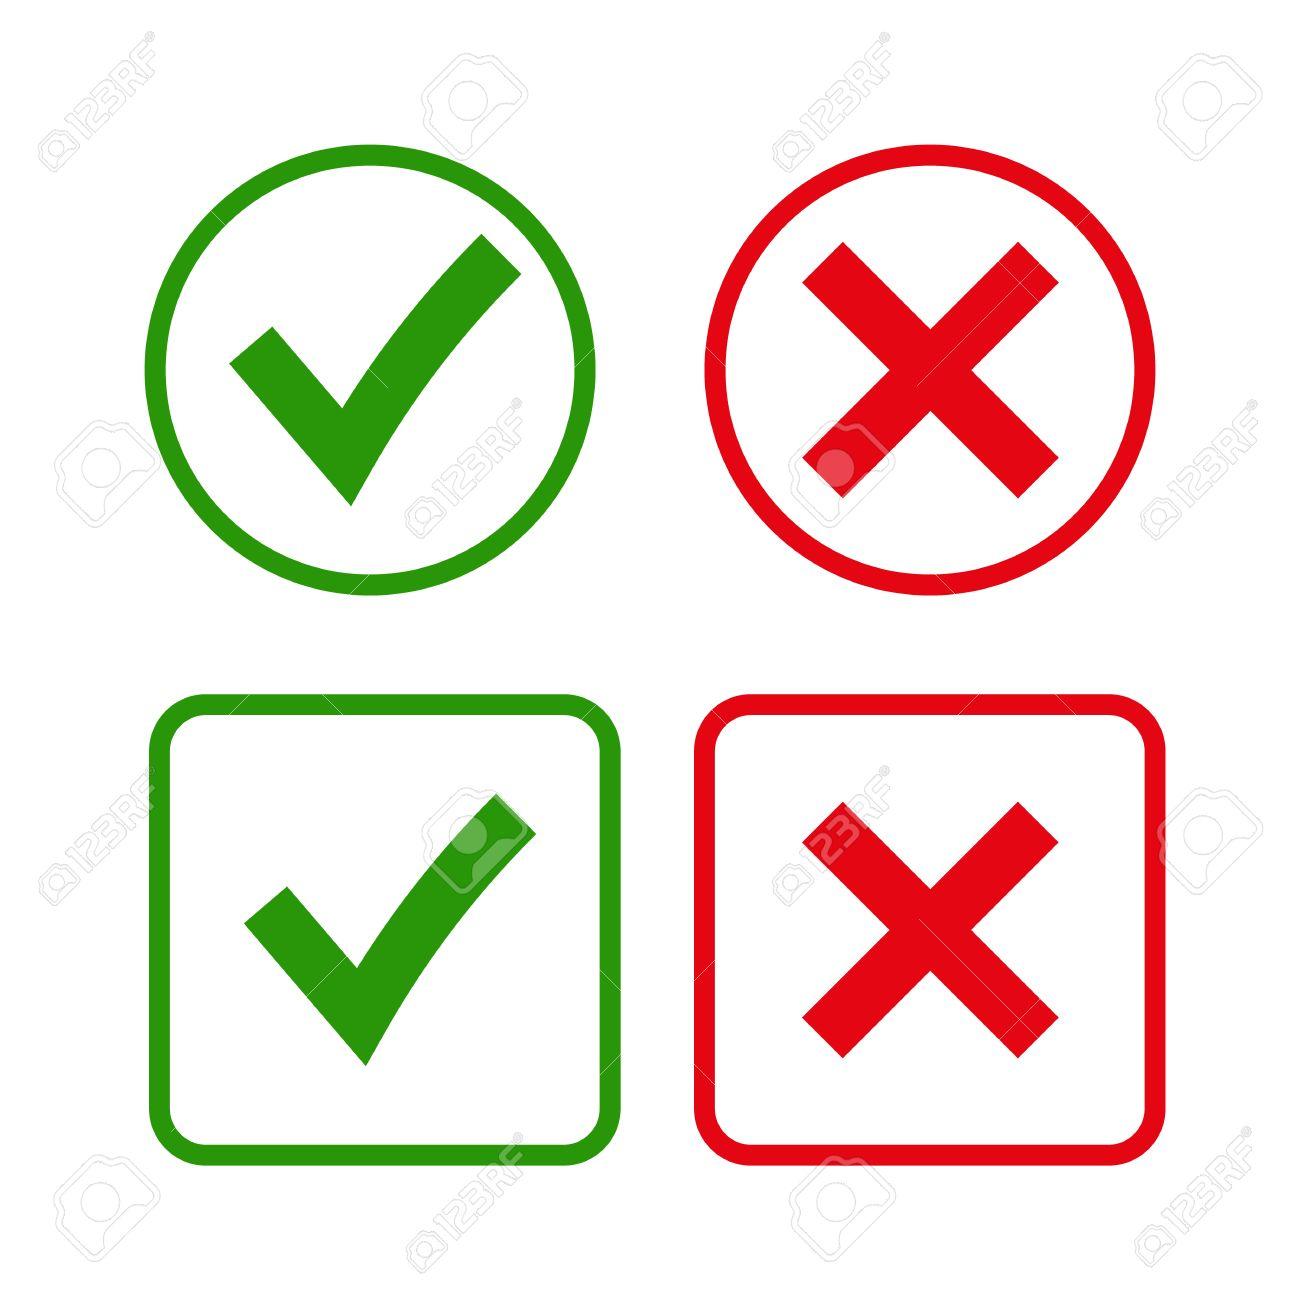 Ankreuzen Und Cross Zeichen. Grünes Häkchen OK Und Rote X Symbole ...